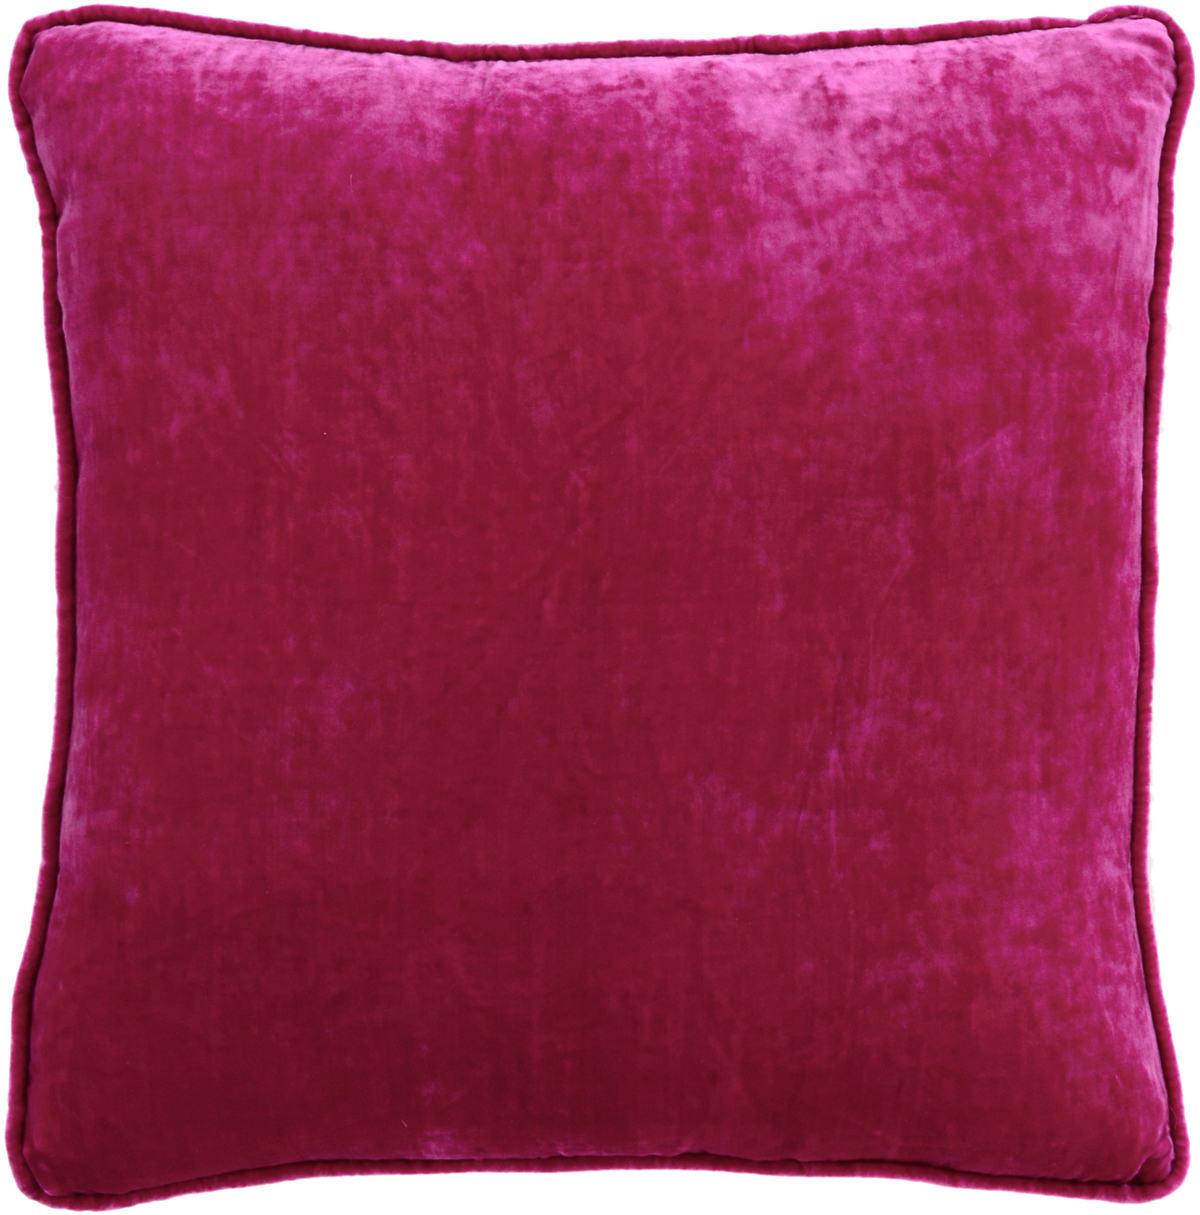 Magenta Shimmer Velvet Decorative Pillow